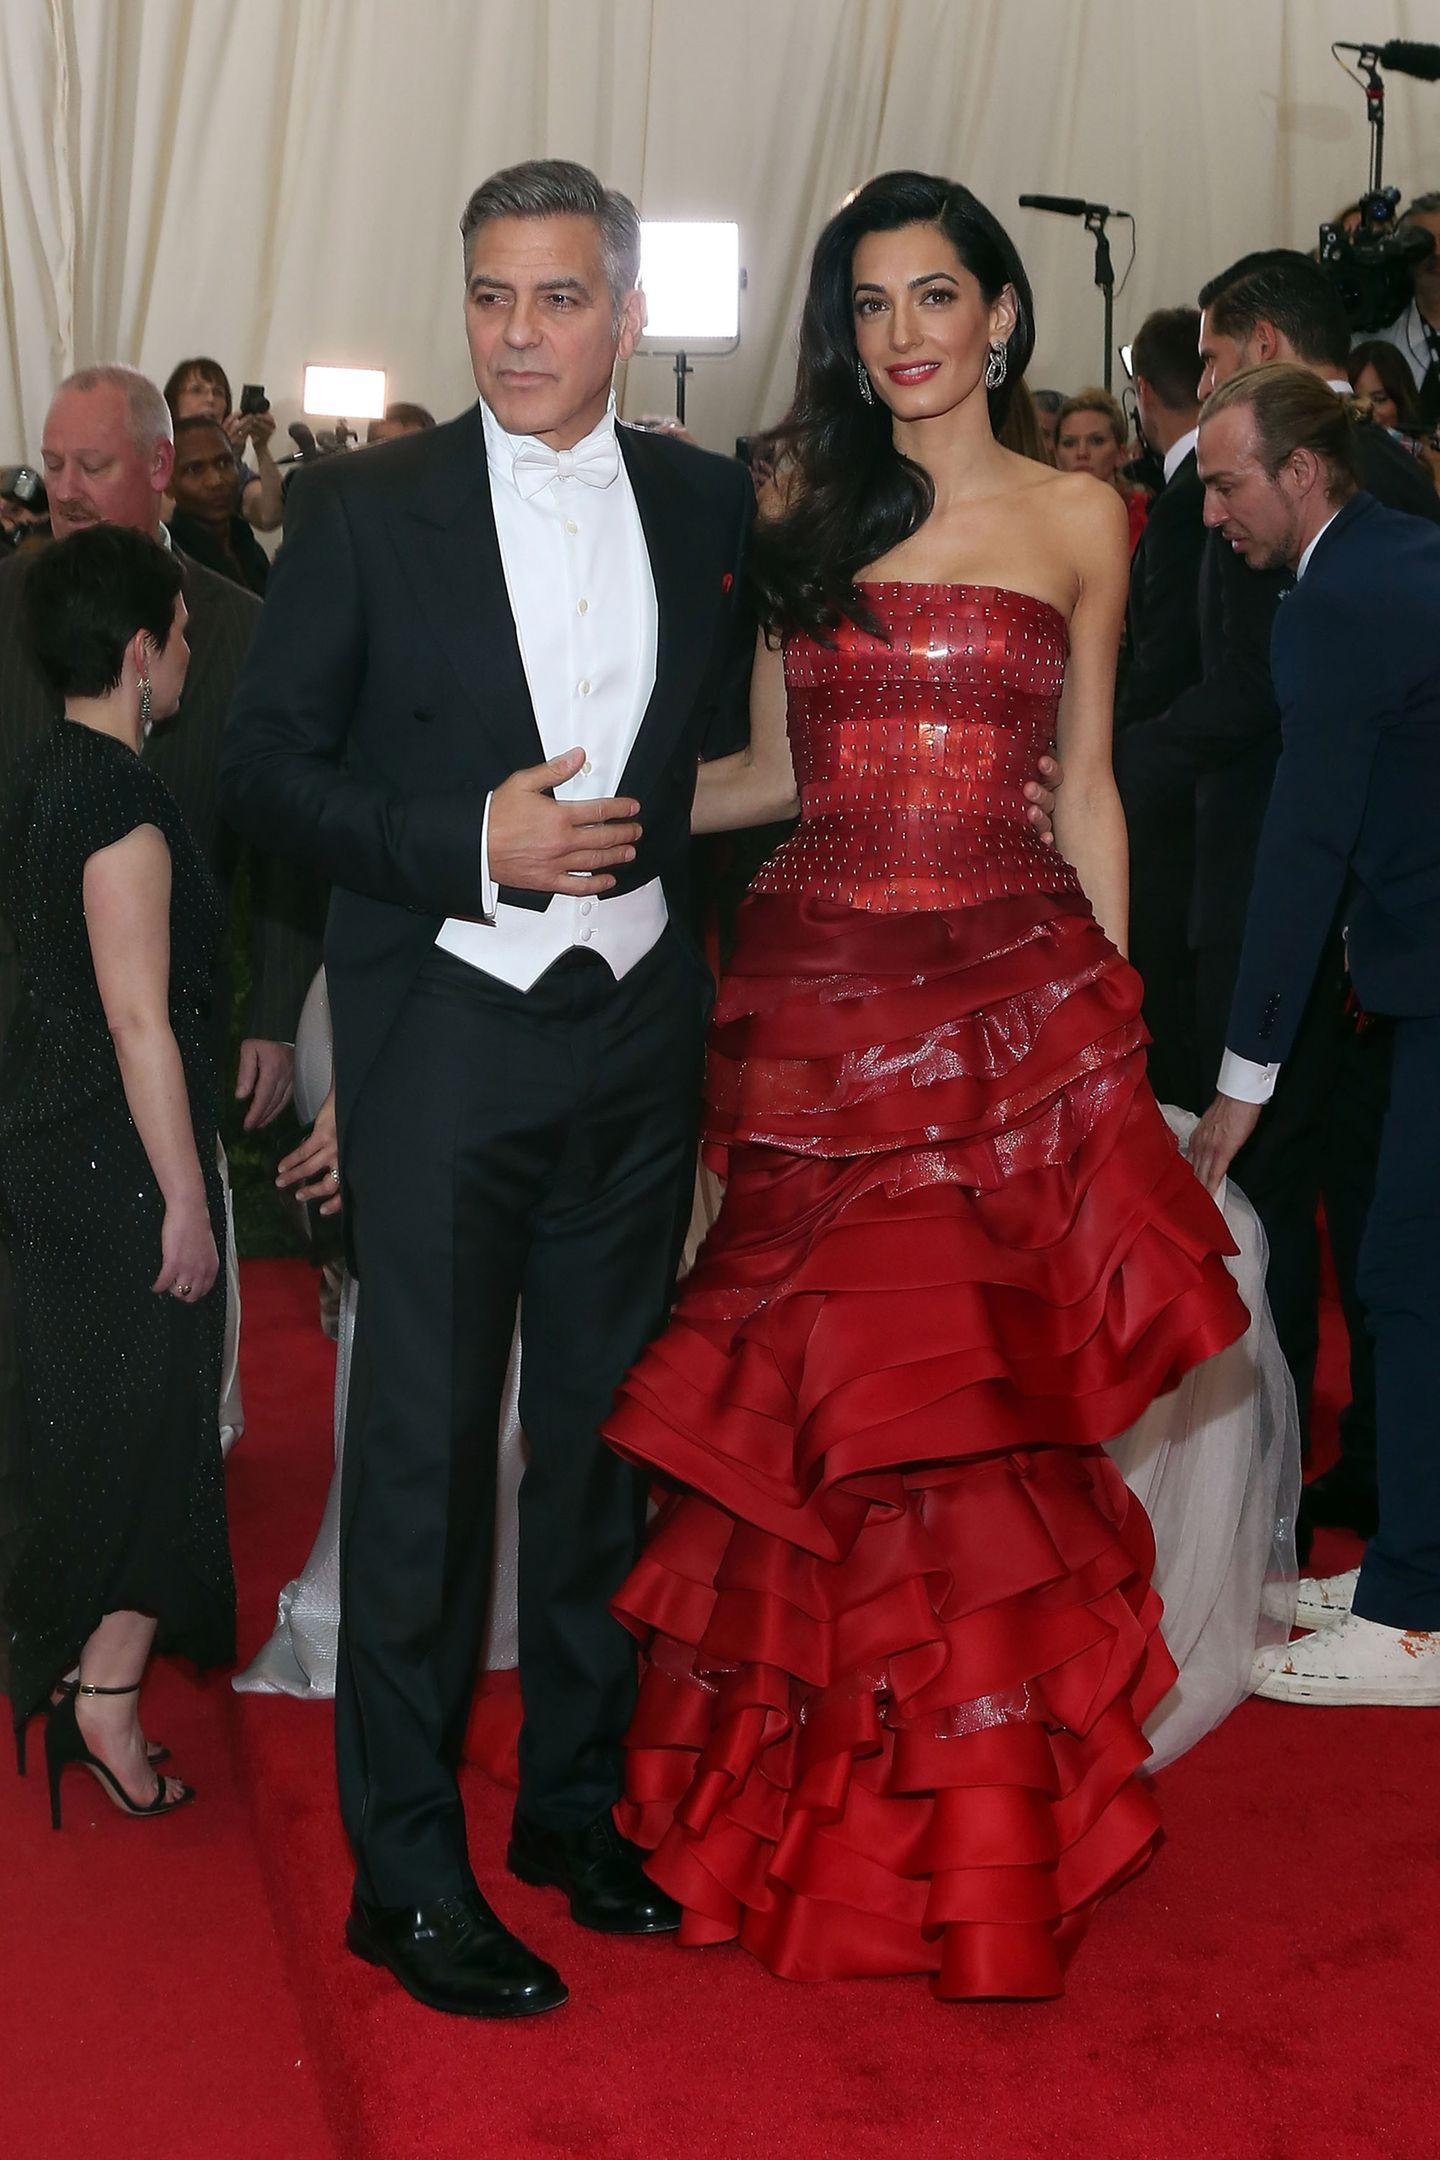 Met Gala 2015: George & Amal Clooney